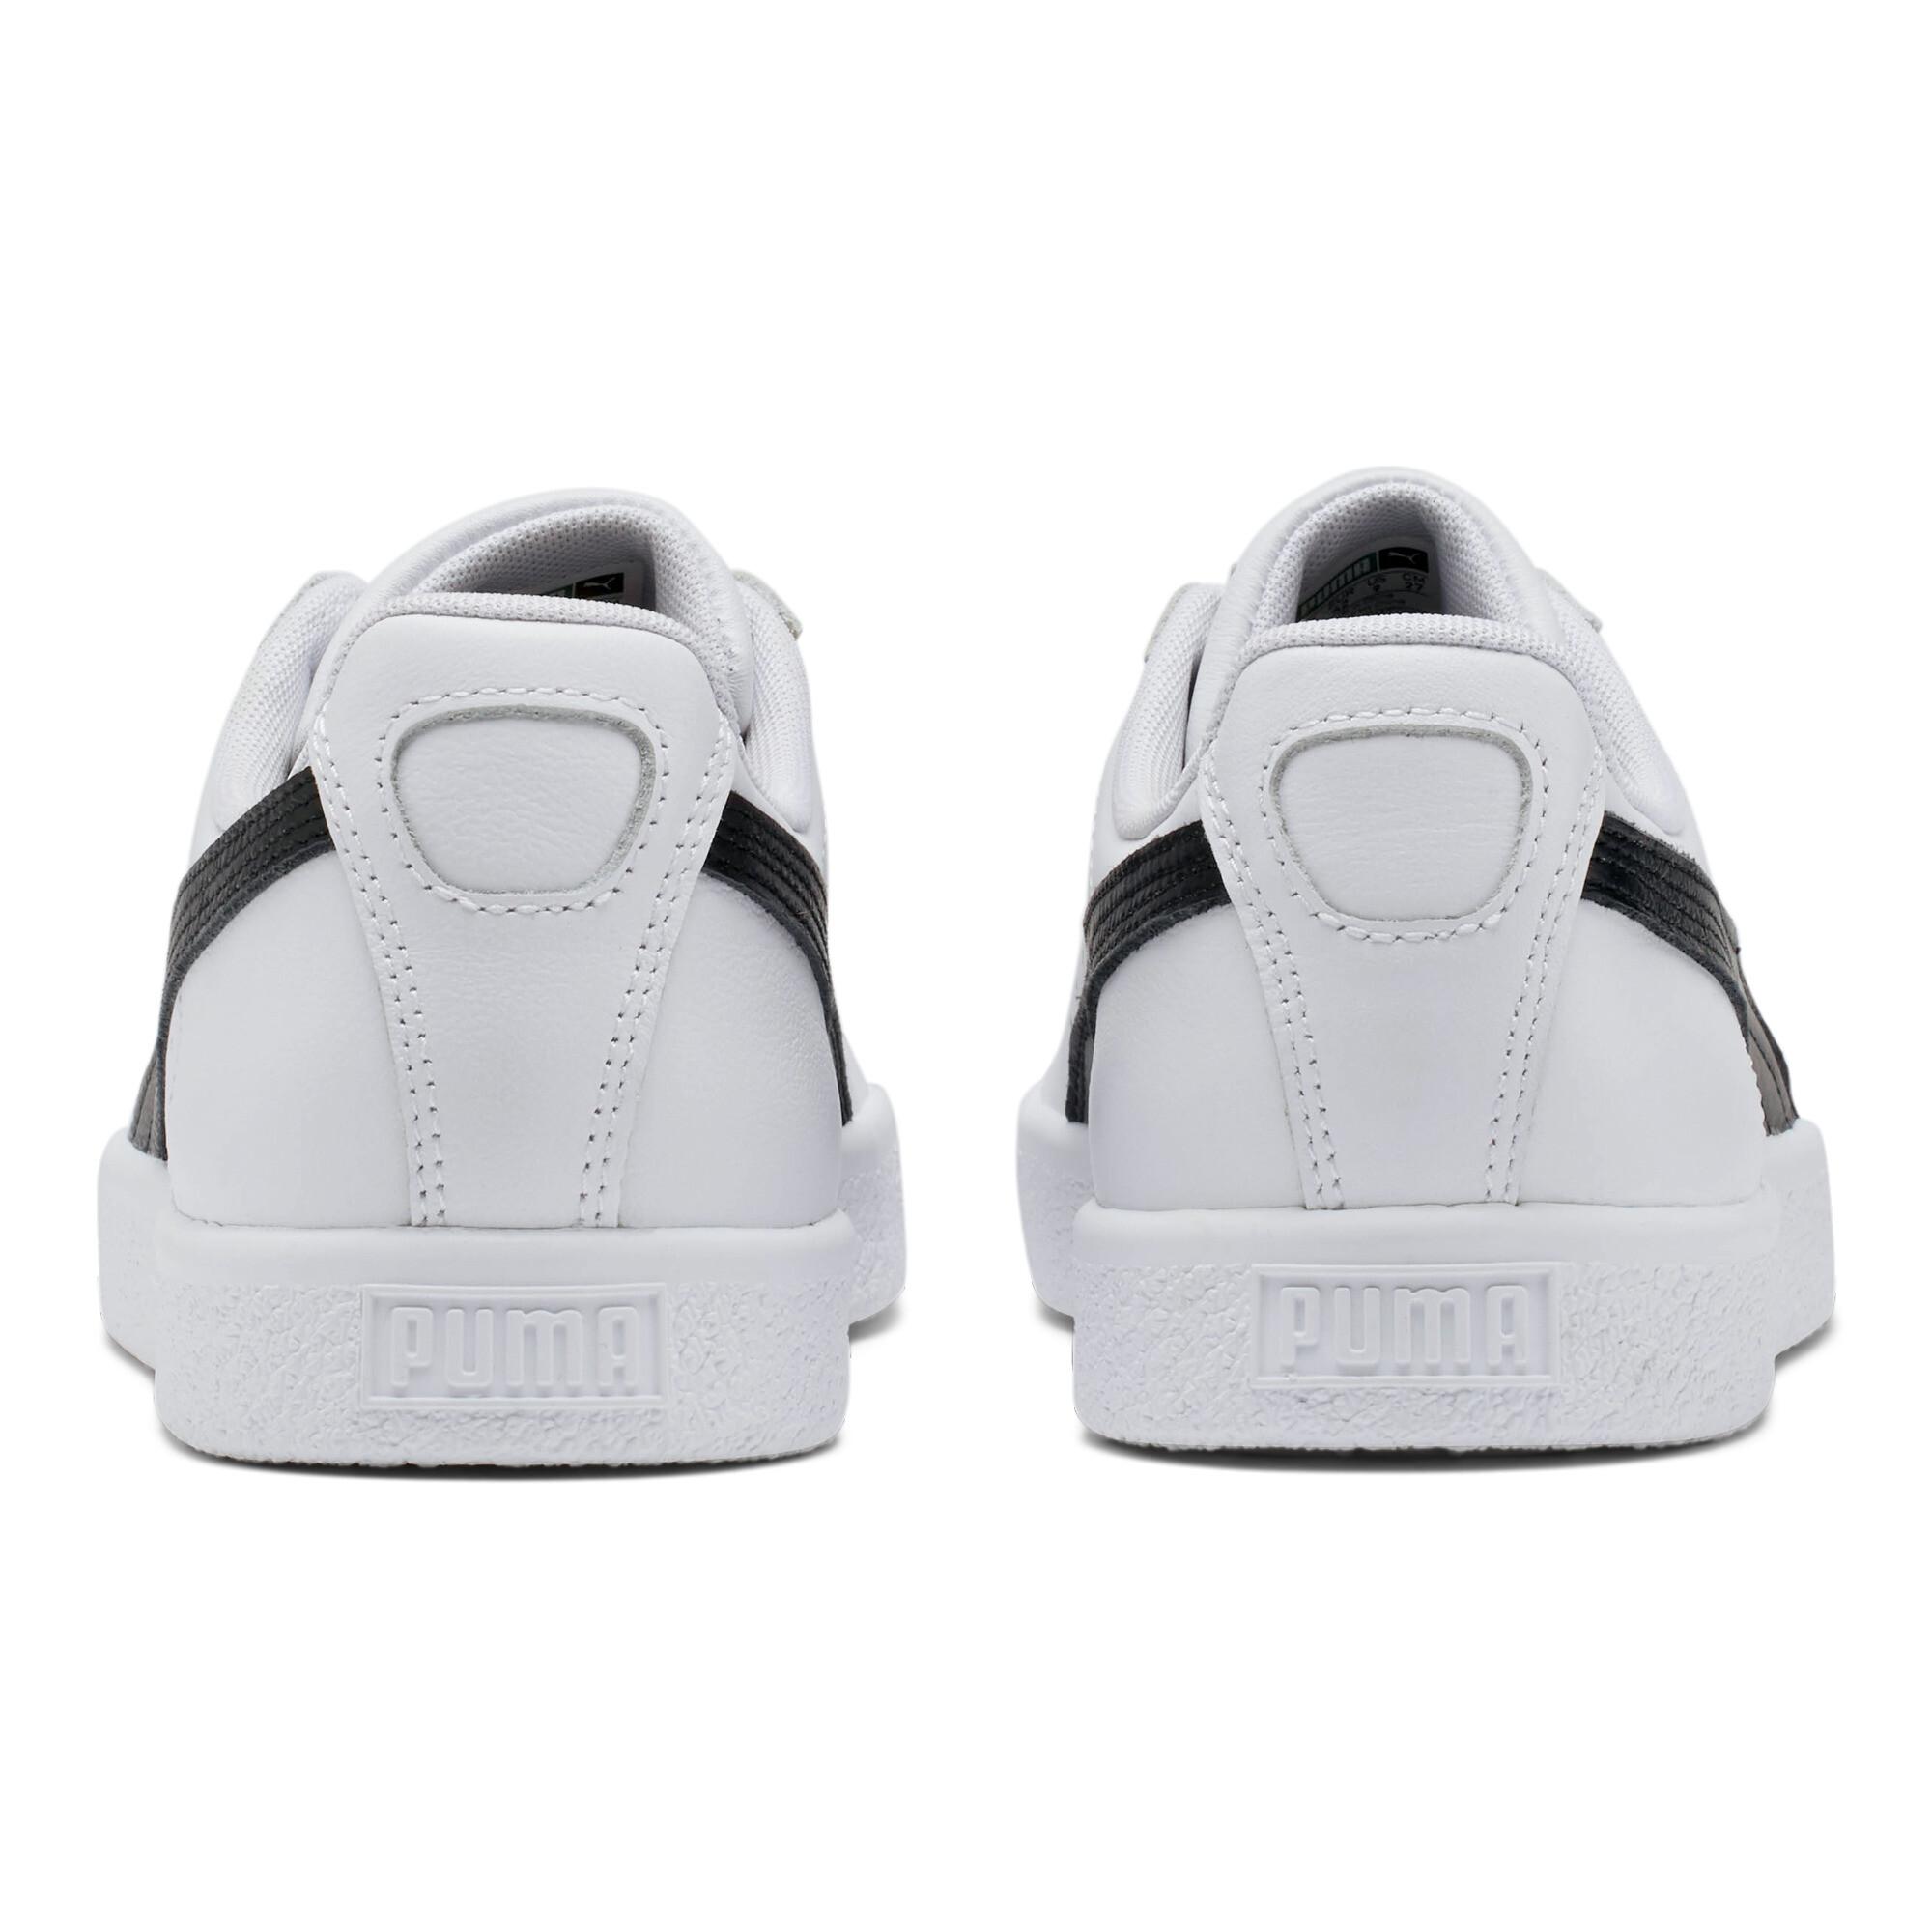 PUMA-Men-039-s-Clyde-Core-Foil-Sneakers thumbnail 13